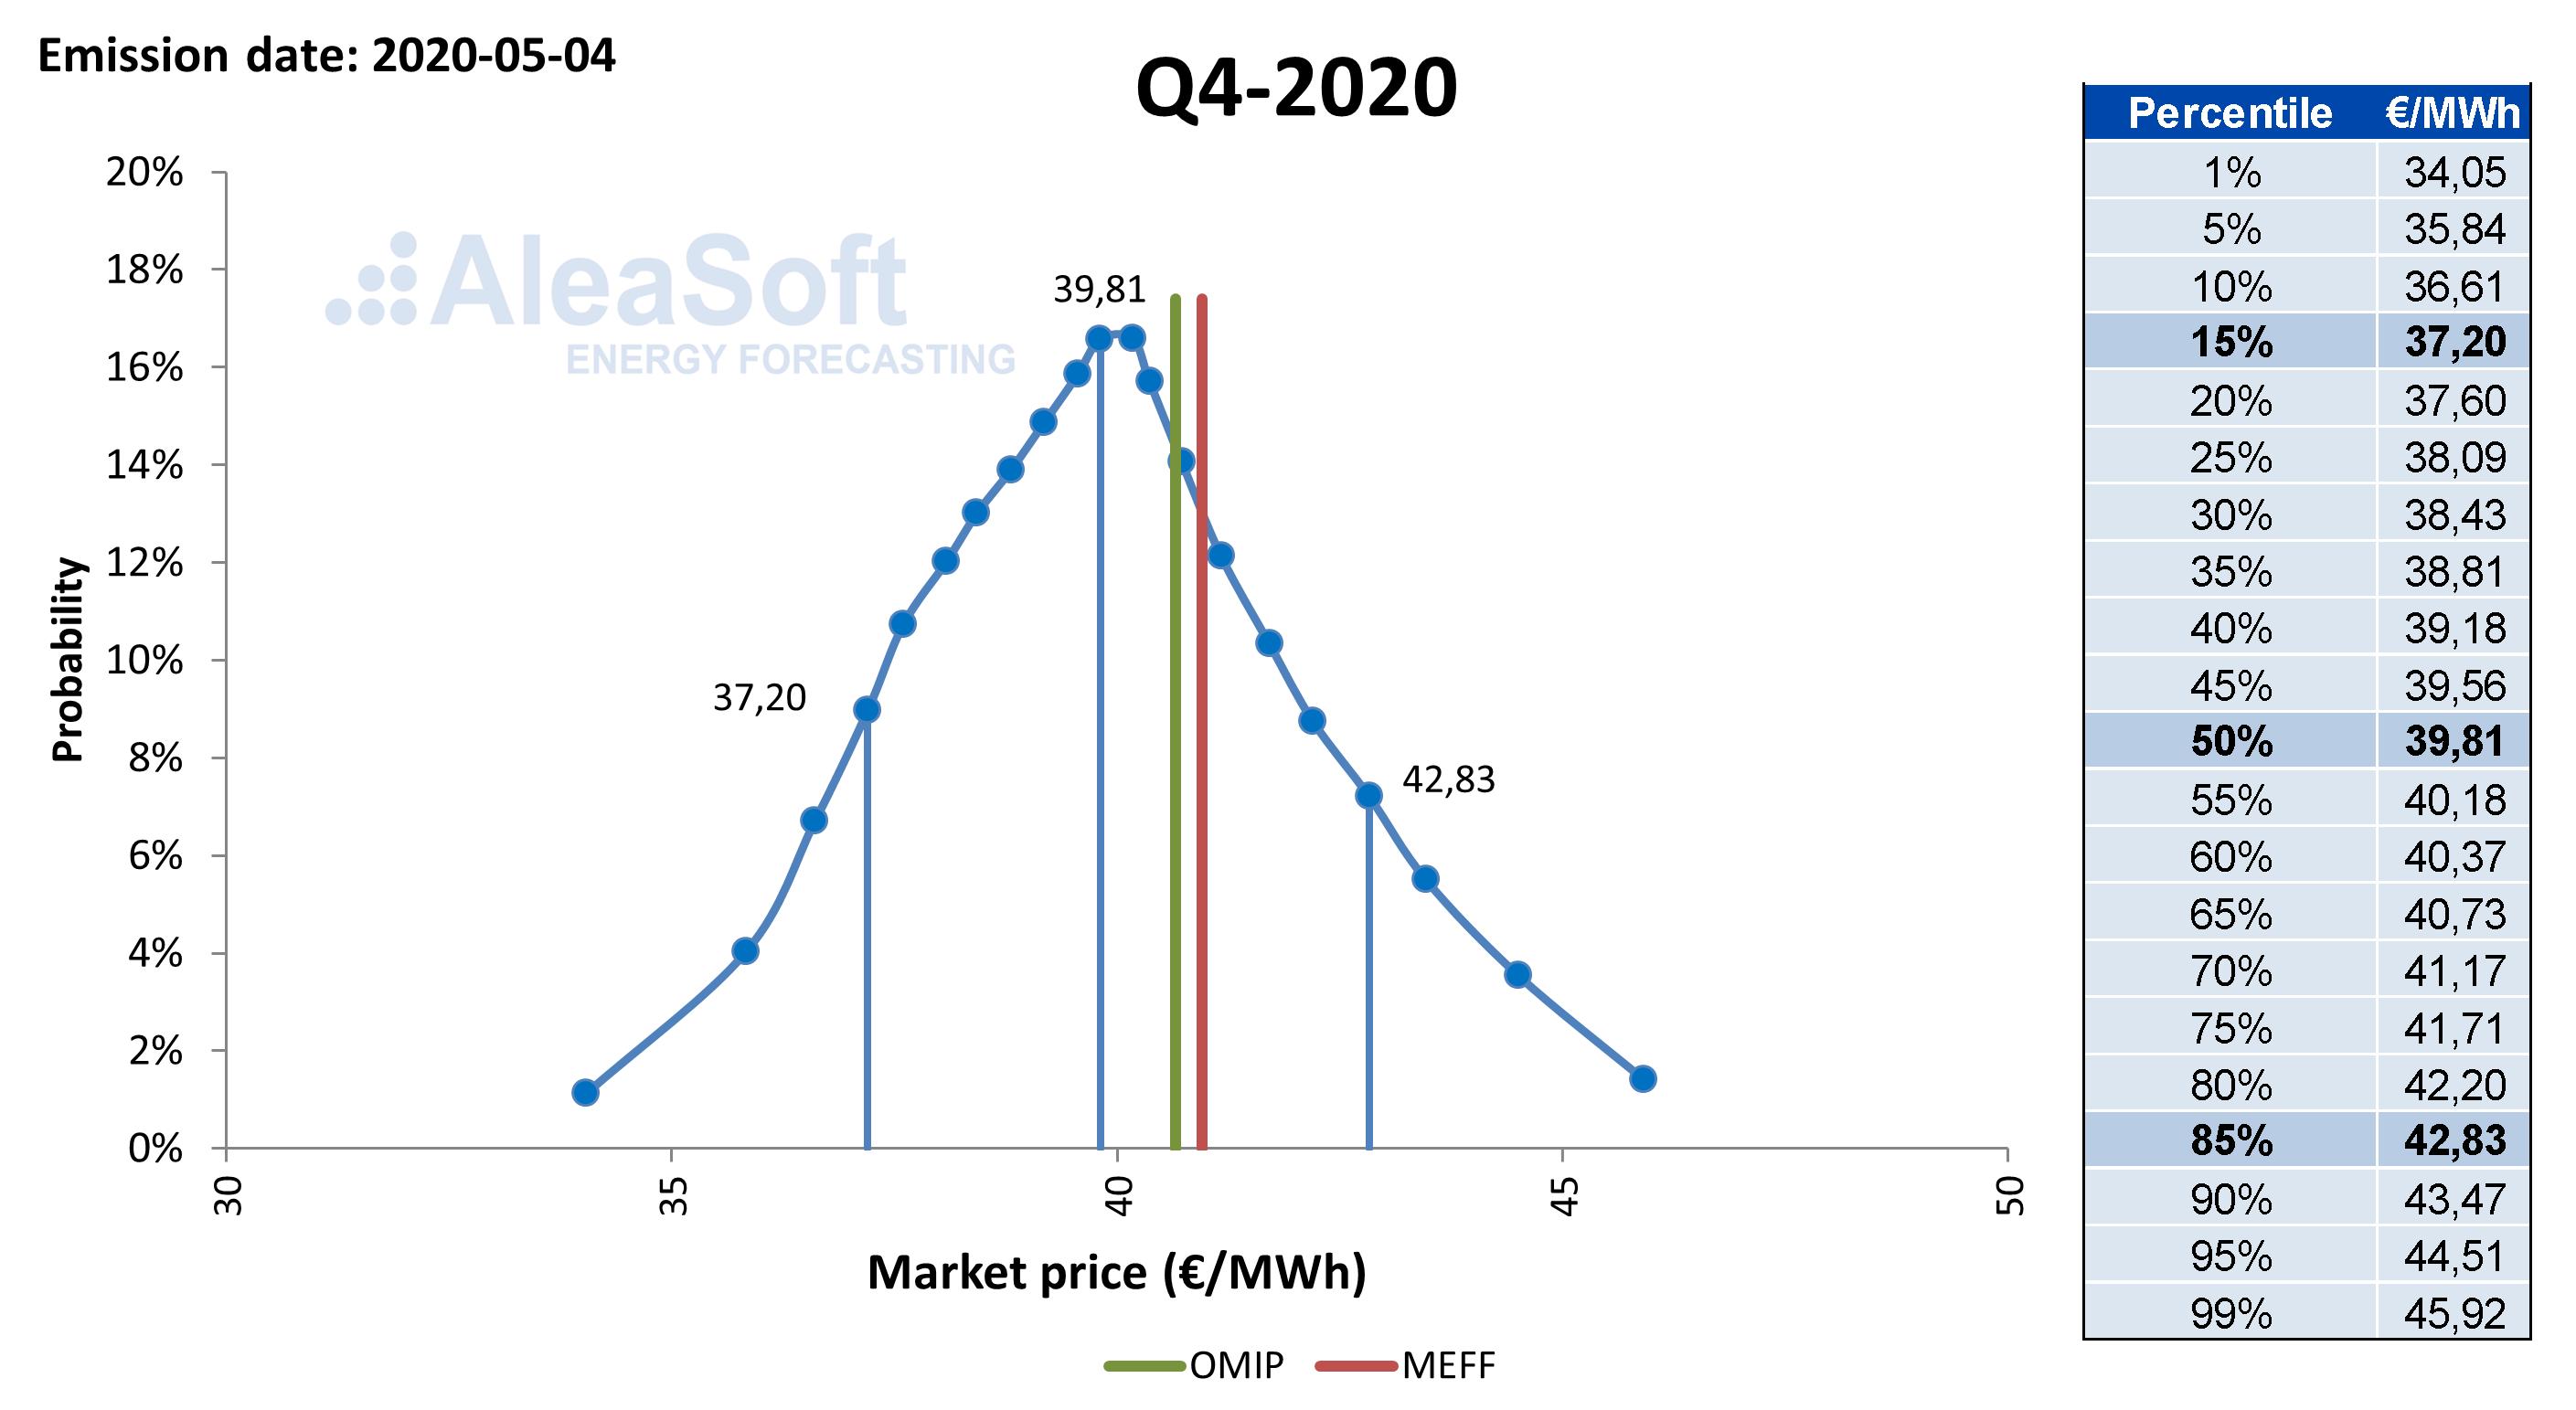 AleaSoft - Power market price probability distribution